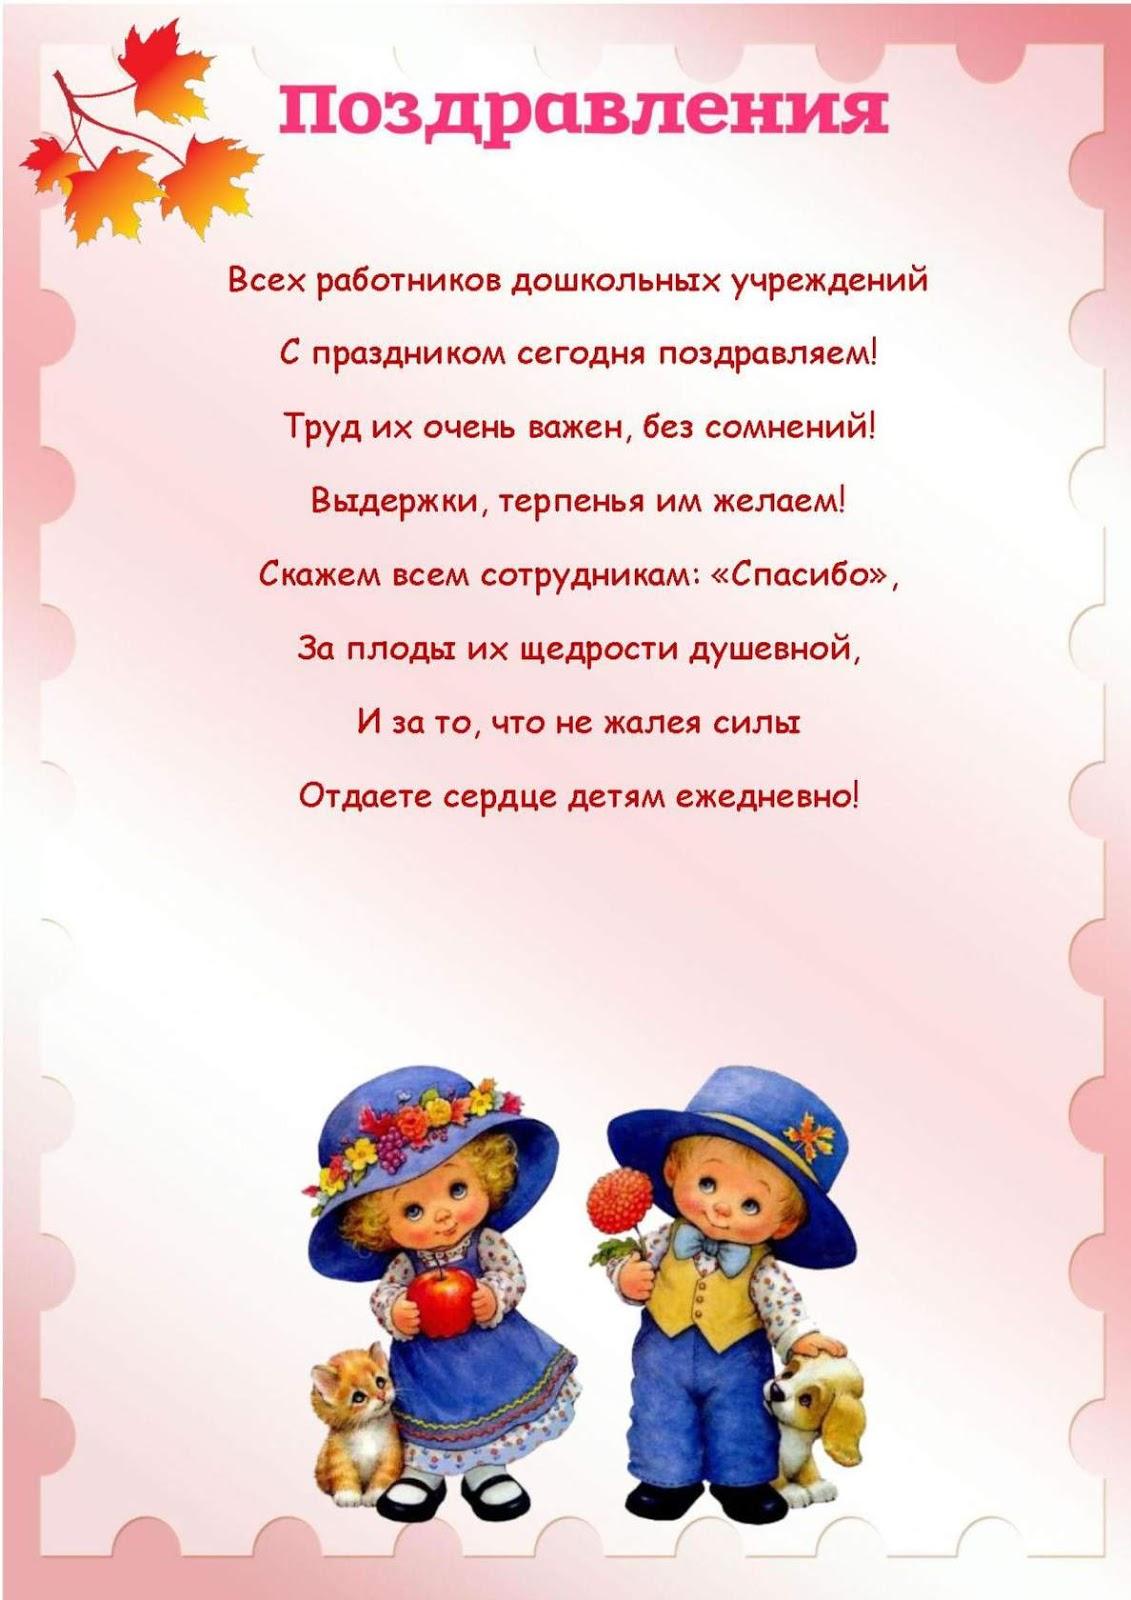 Картинки для воспитателя детского сада стихи, для поздравления